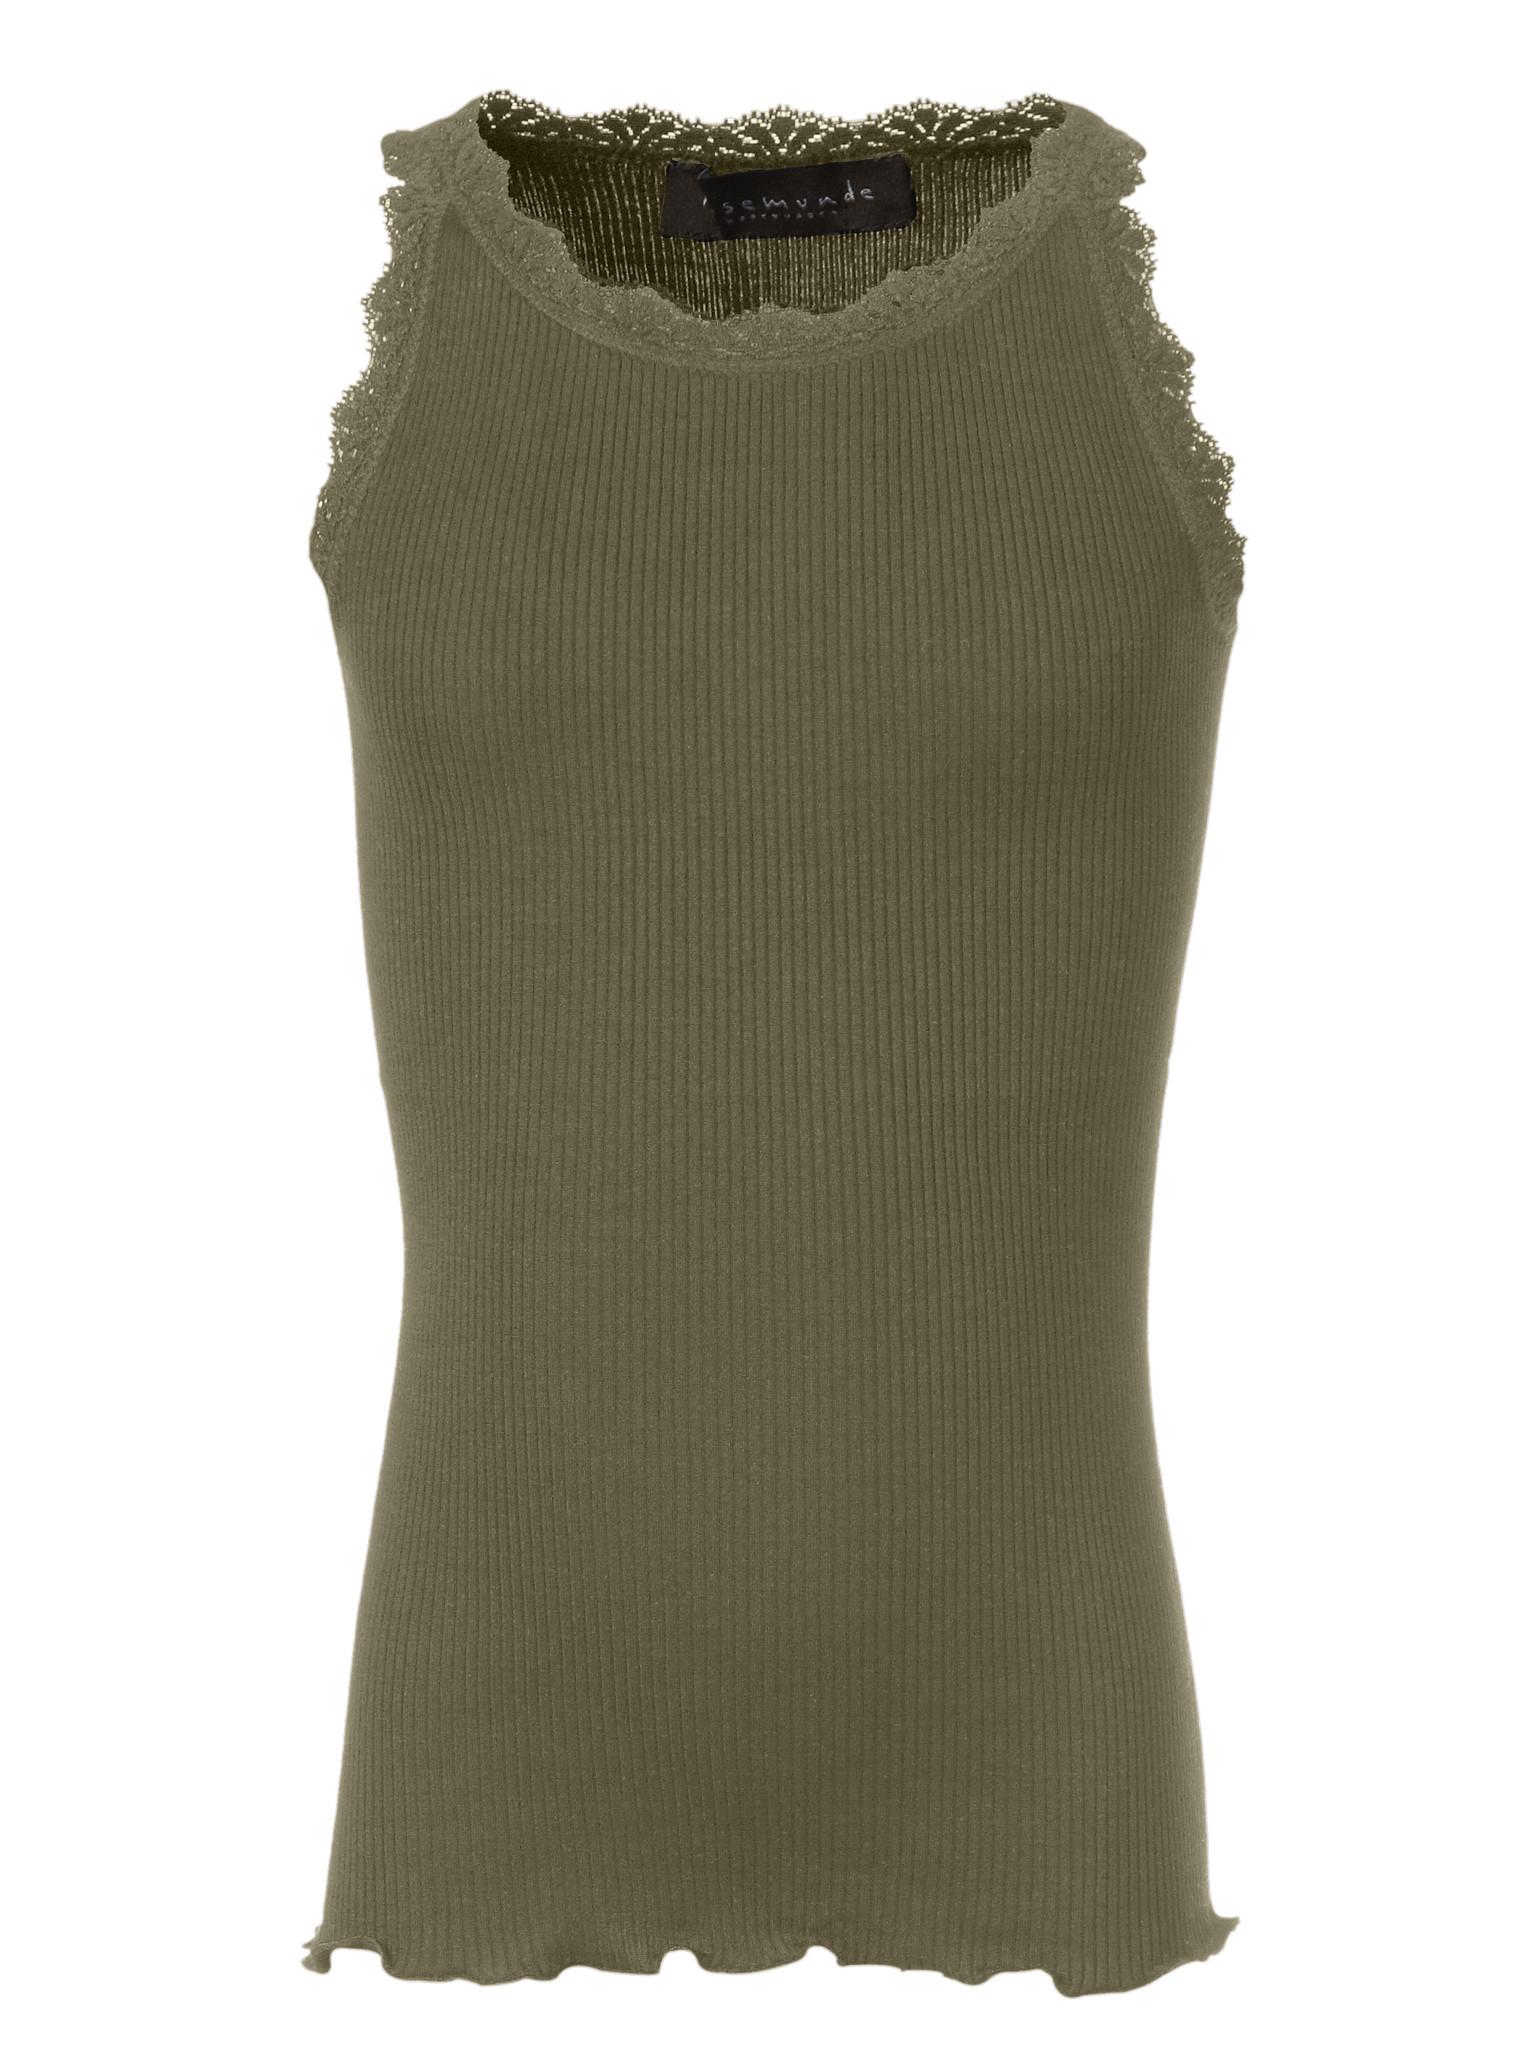 Rosemunde zijden meisjes top LOU - 55% zijde/ 45% katoen - olijf groen - 4 tm 14 jaar